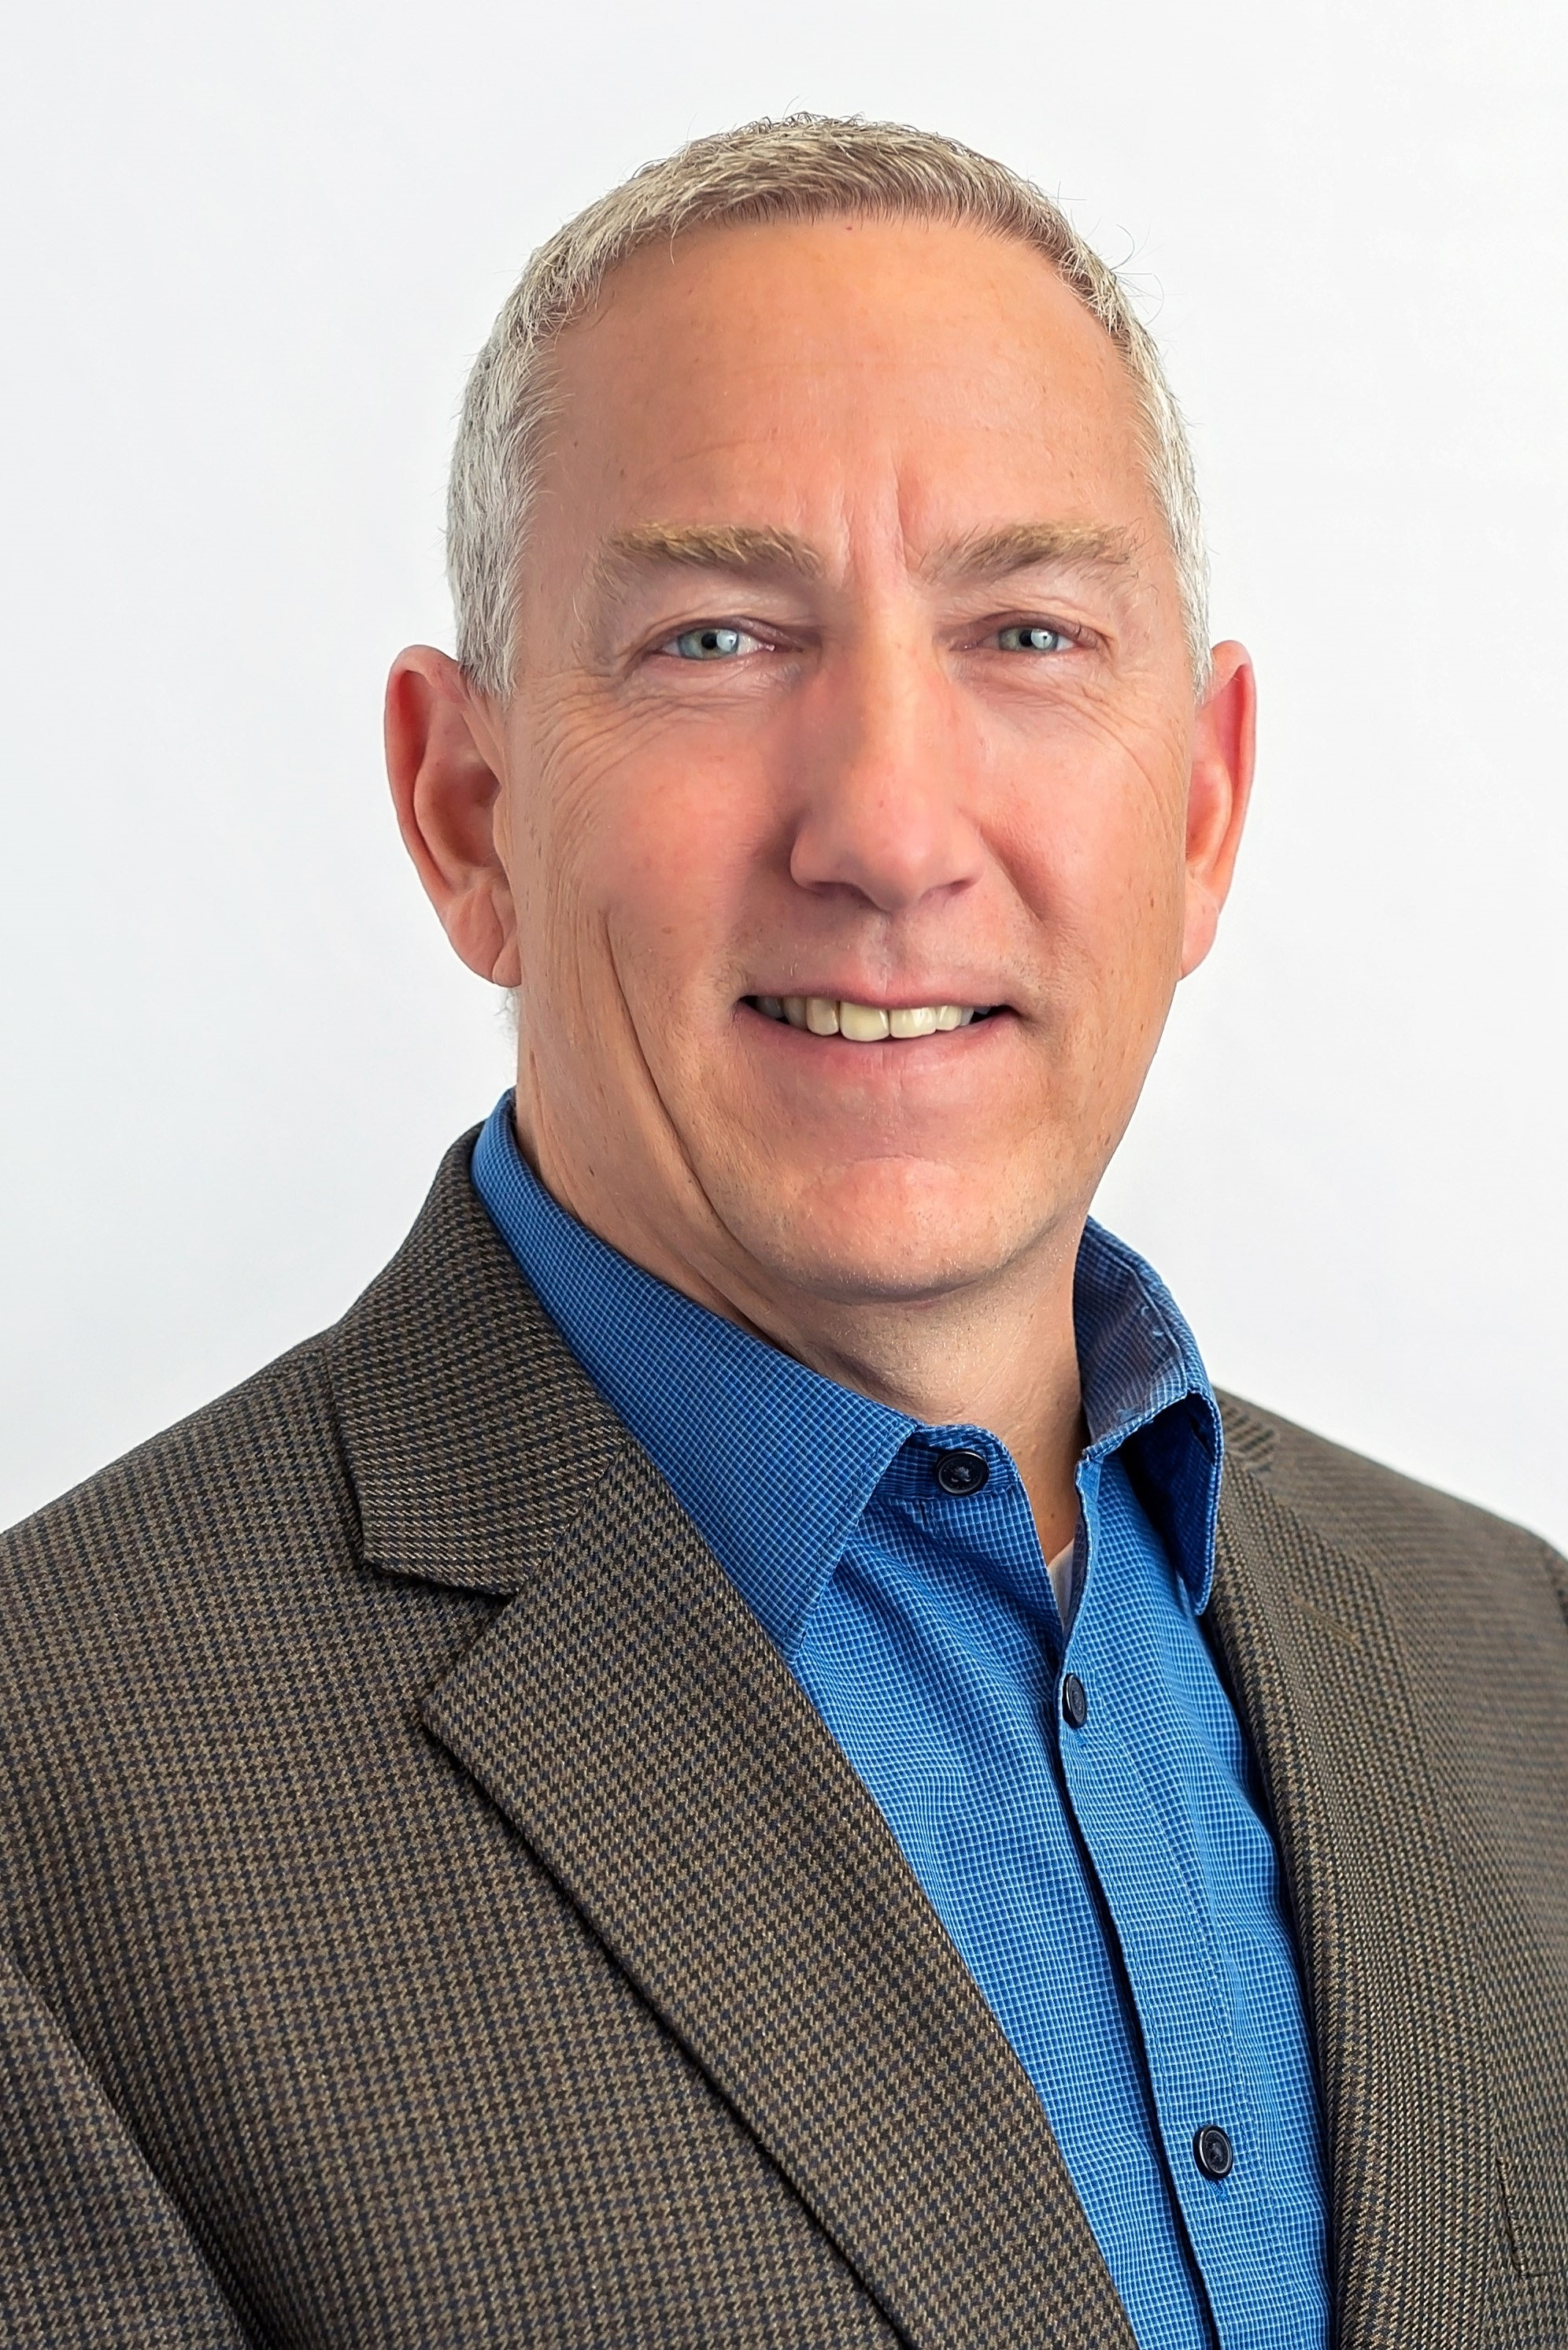 Eric Wilhelm